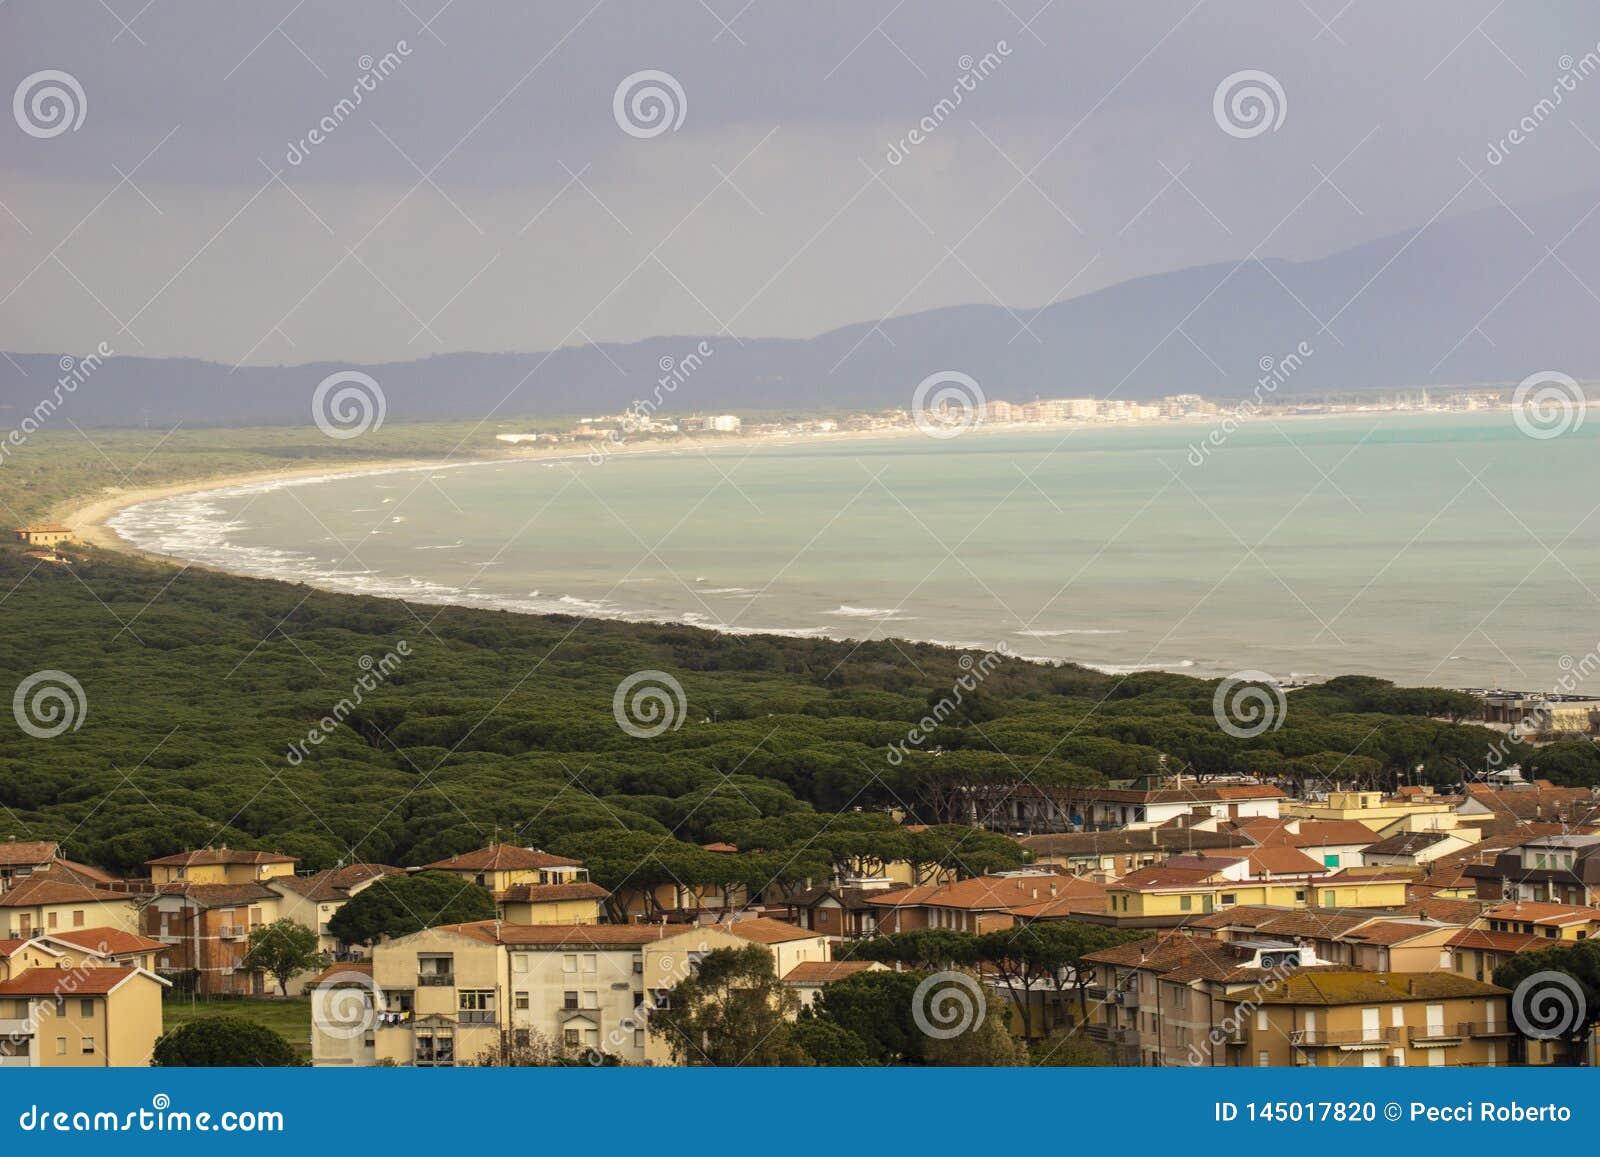 Italy, Tuscany, Castiglione della Pescaia, panoramic view of the coastline from the top